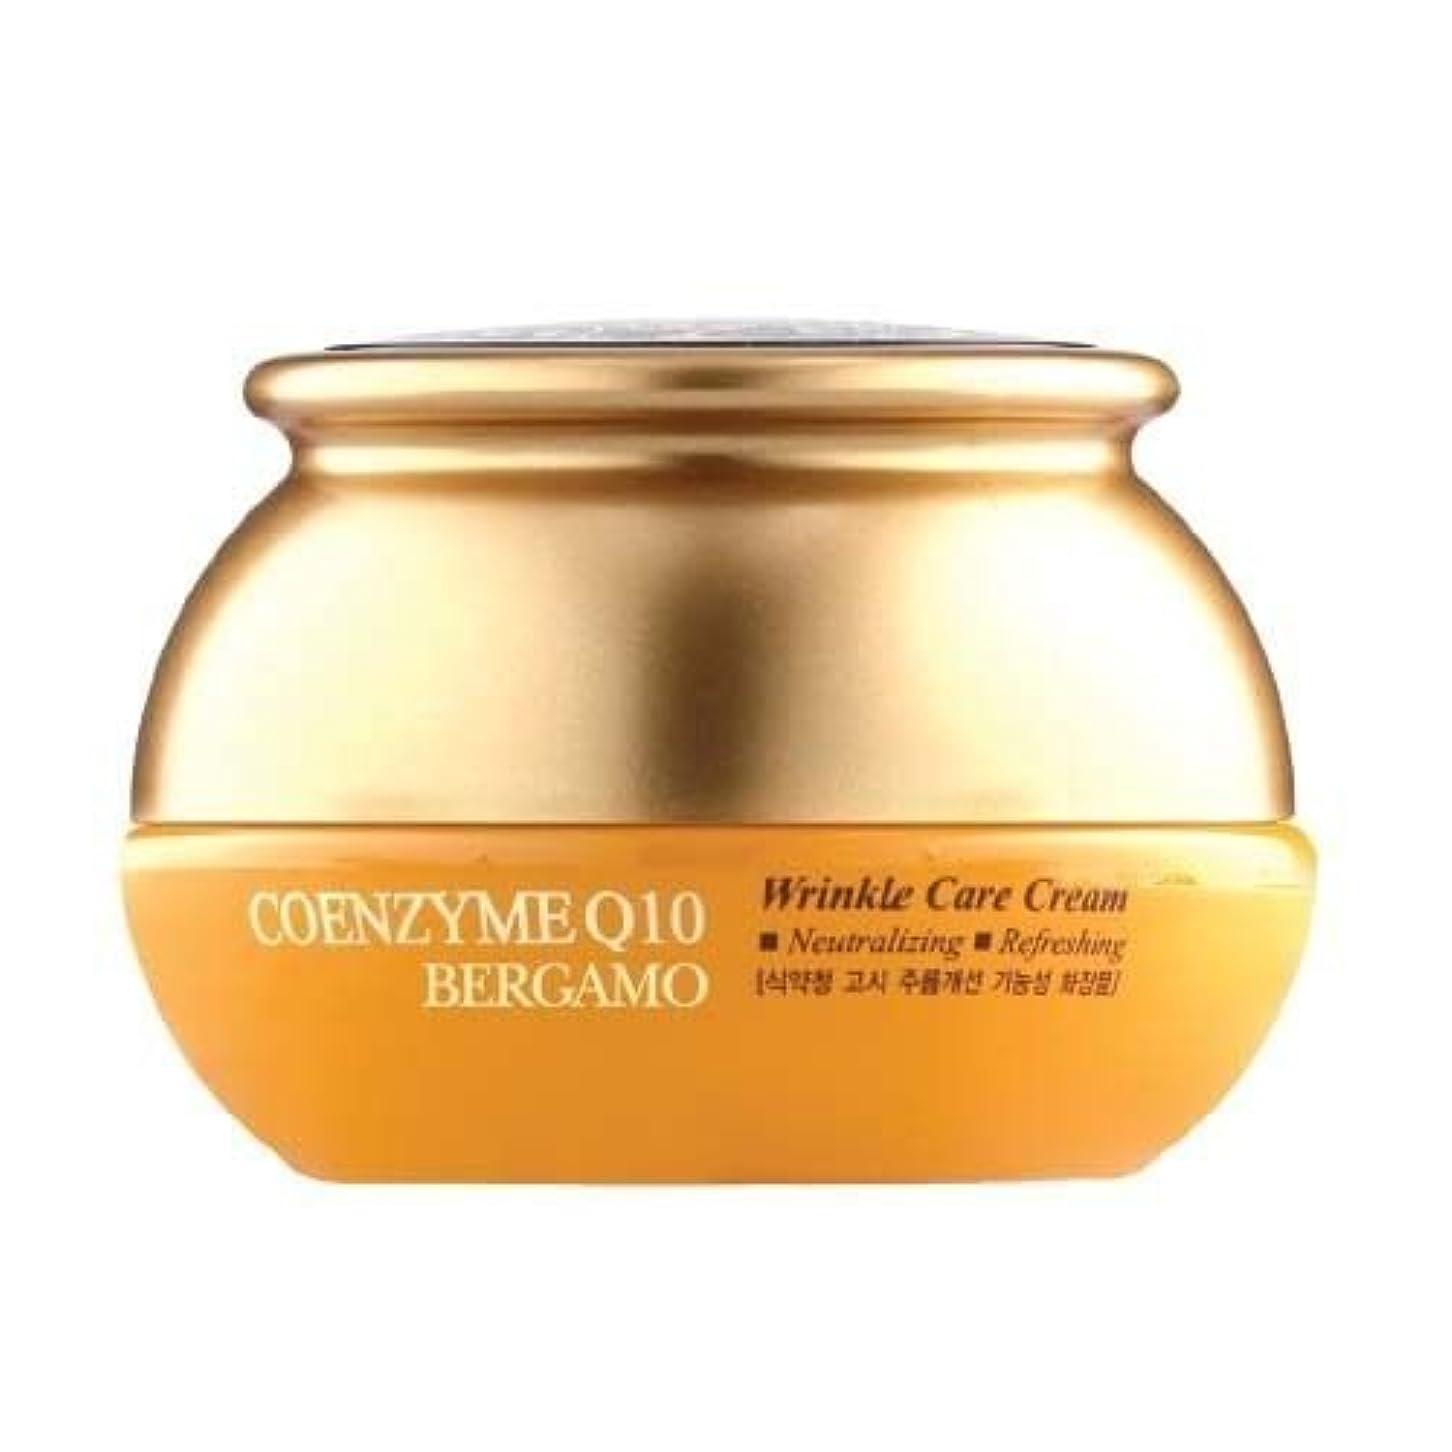 区別公睡眠ベルガモ[韓国コスメBergamo]Coenzyme Q10 Wrinkle Care Cream コエンザイムQ10リンクルケアクリーム50ml しわ管理 [並行輸入品]